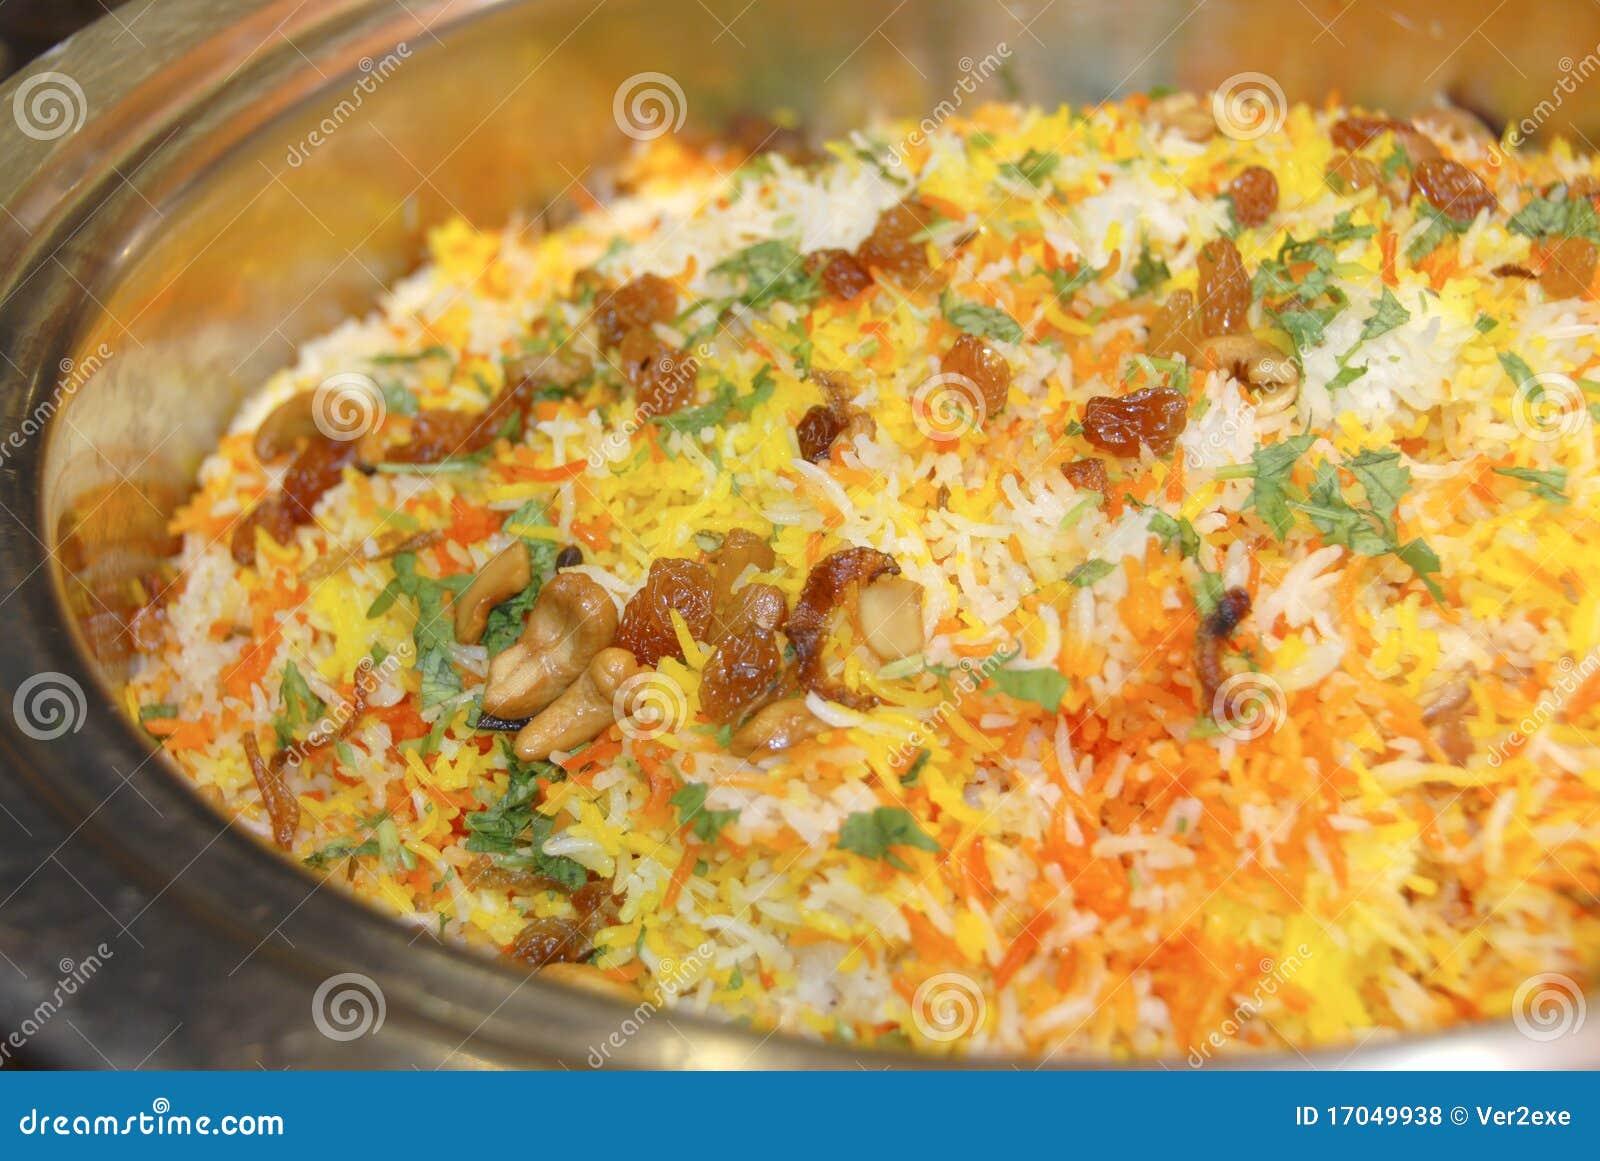 biryani rice royalty free stock photos